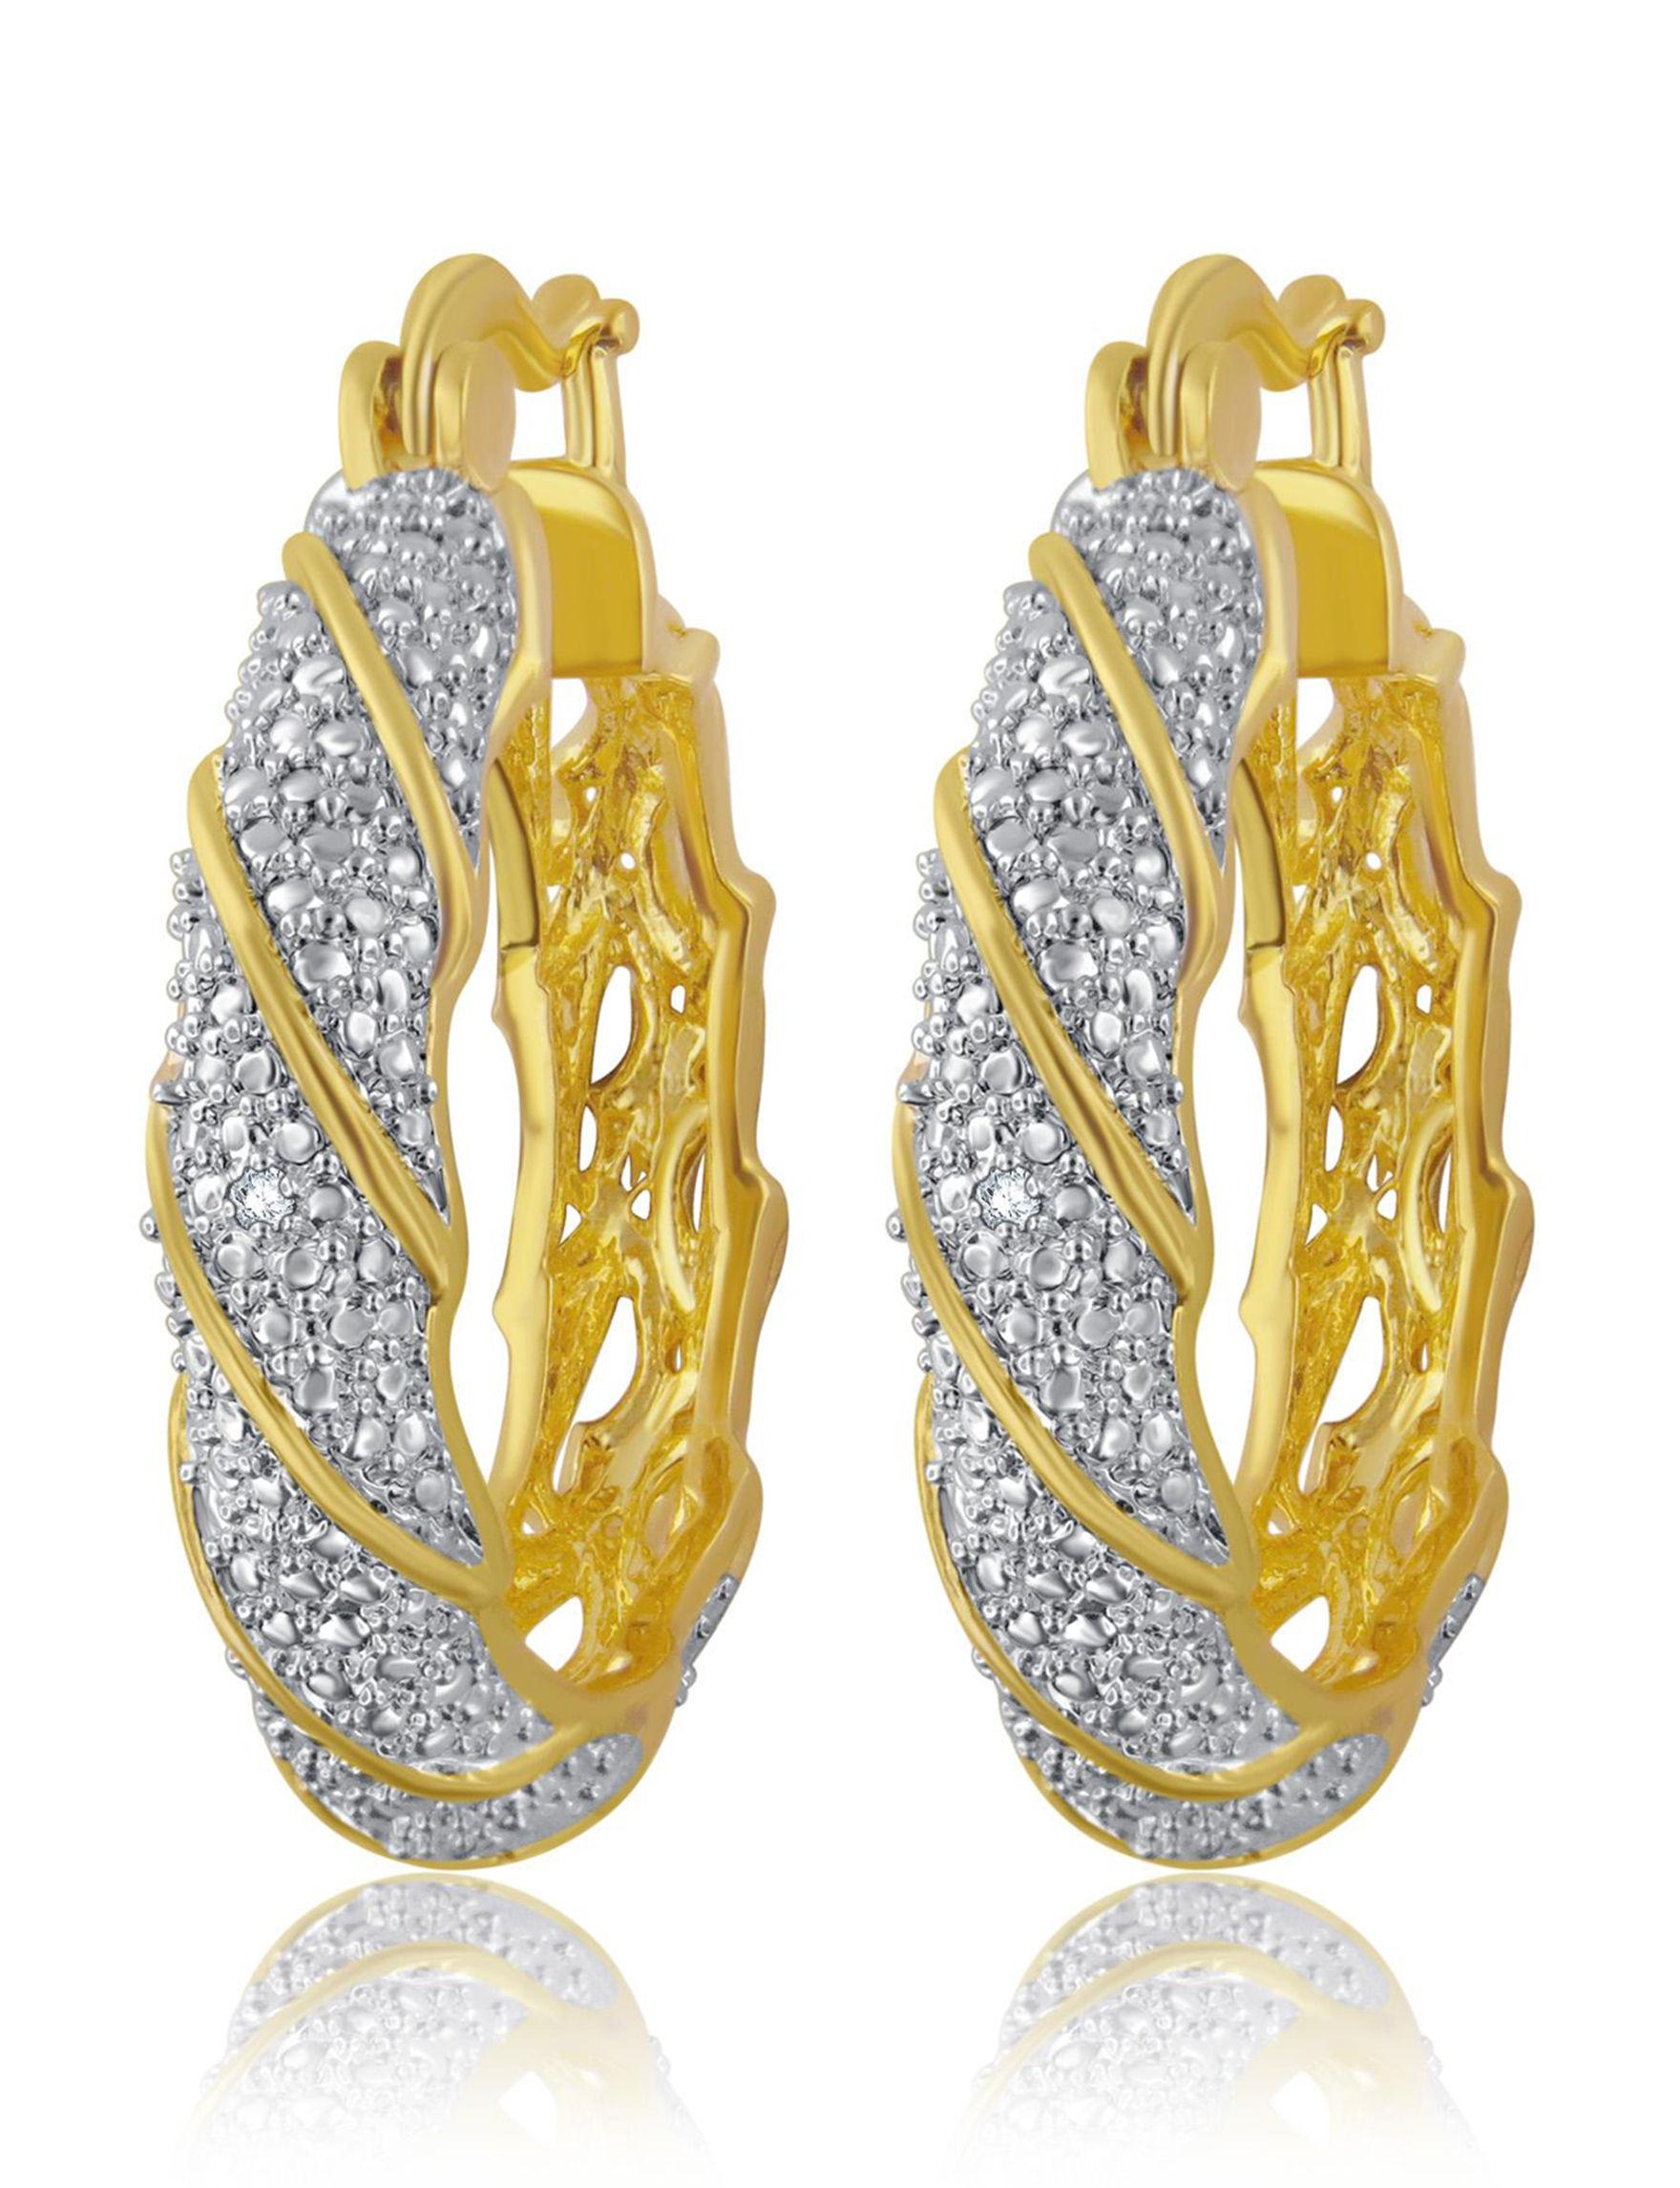 Brilliant Diamond Gold Hoops Earrings Fine Jewelry